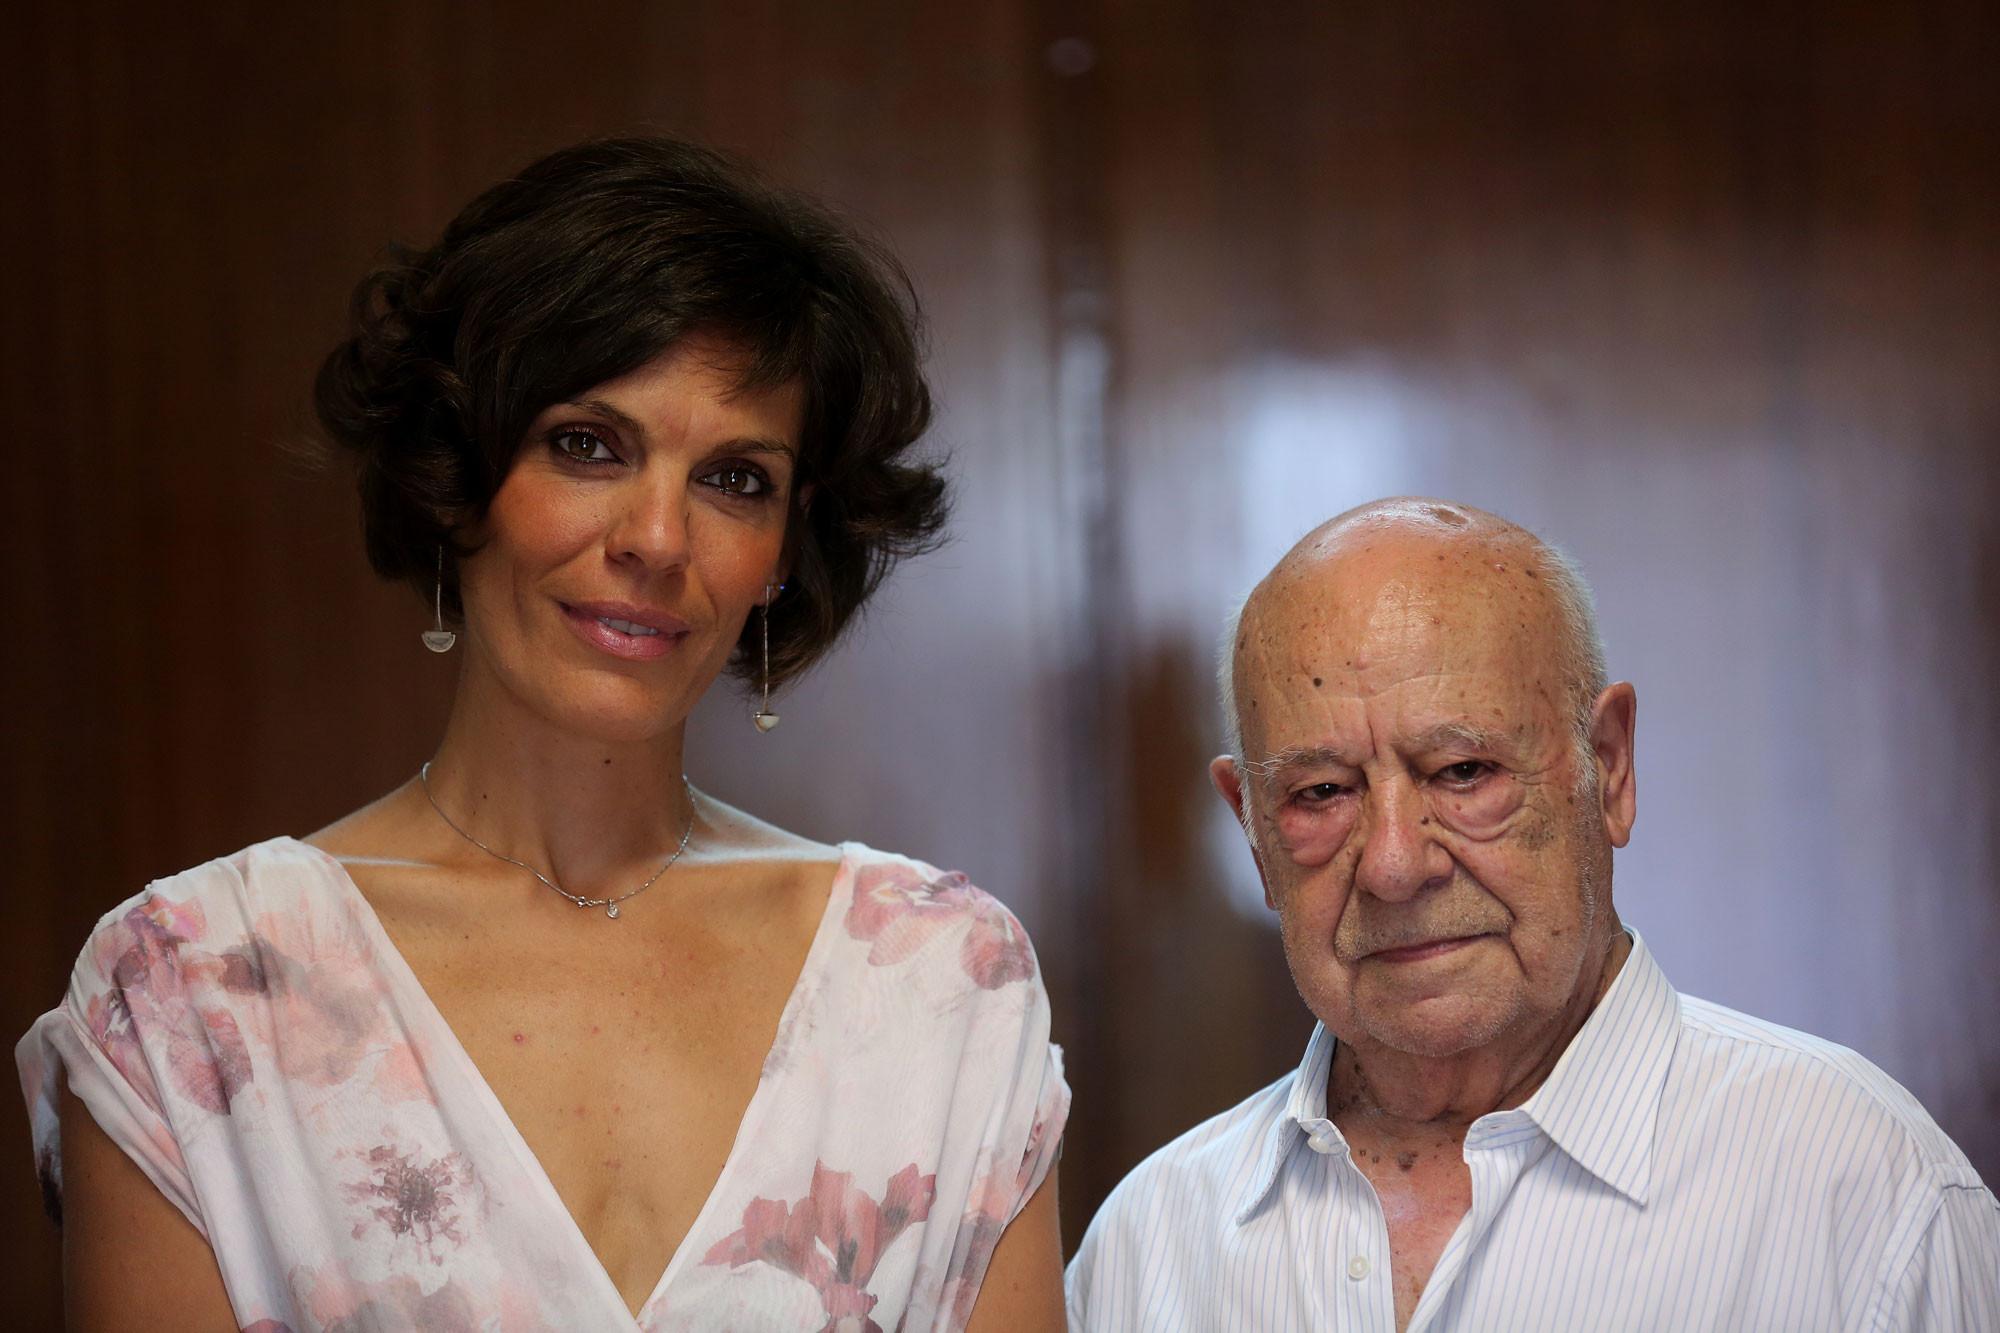 António Coimbra de Matos e Raquel Varela